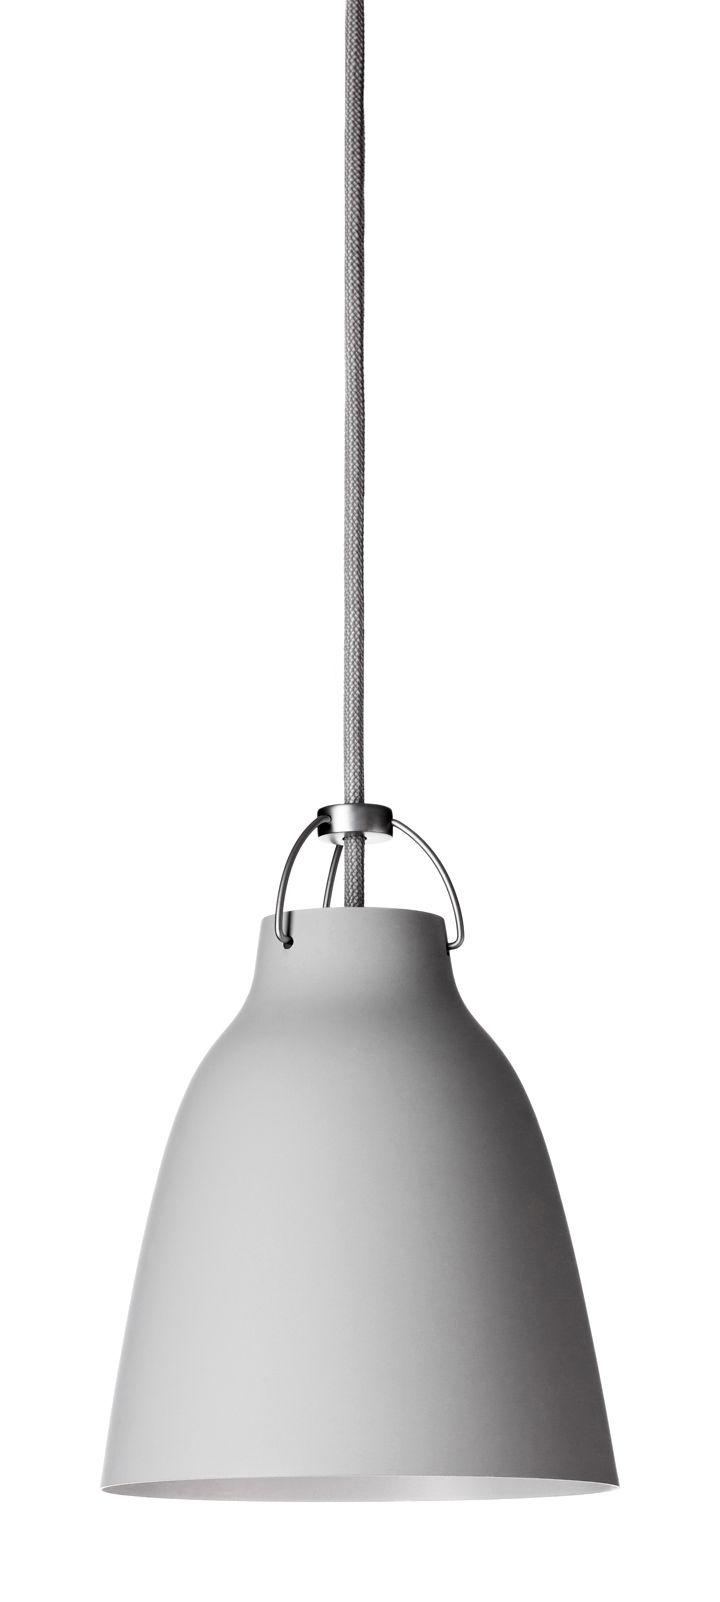 Luminaire - Suspensions - Suspension Caravaggio Small / Ø 16,5 cm - Lightyears - Gris clair mat / Câble gris - Métal laqué mat